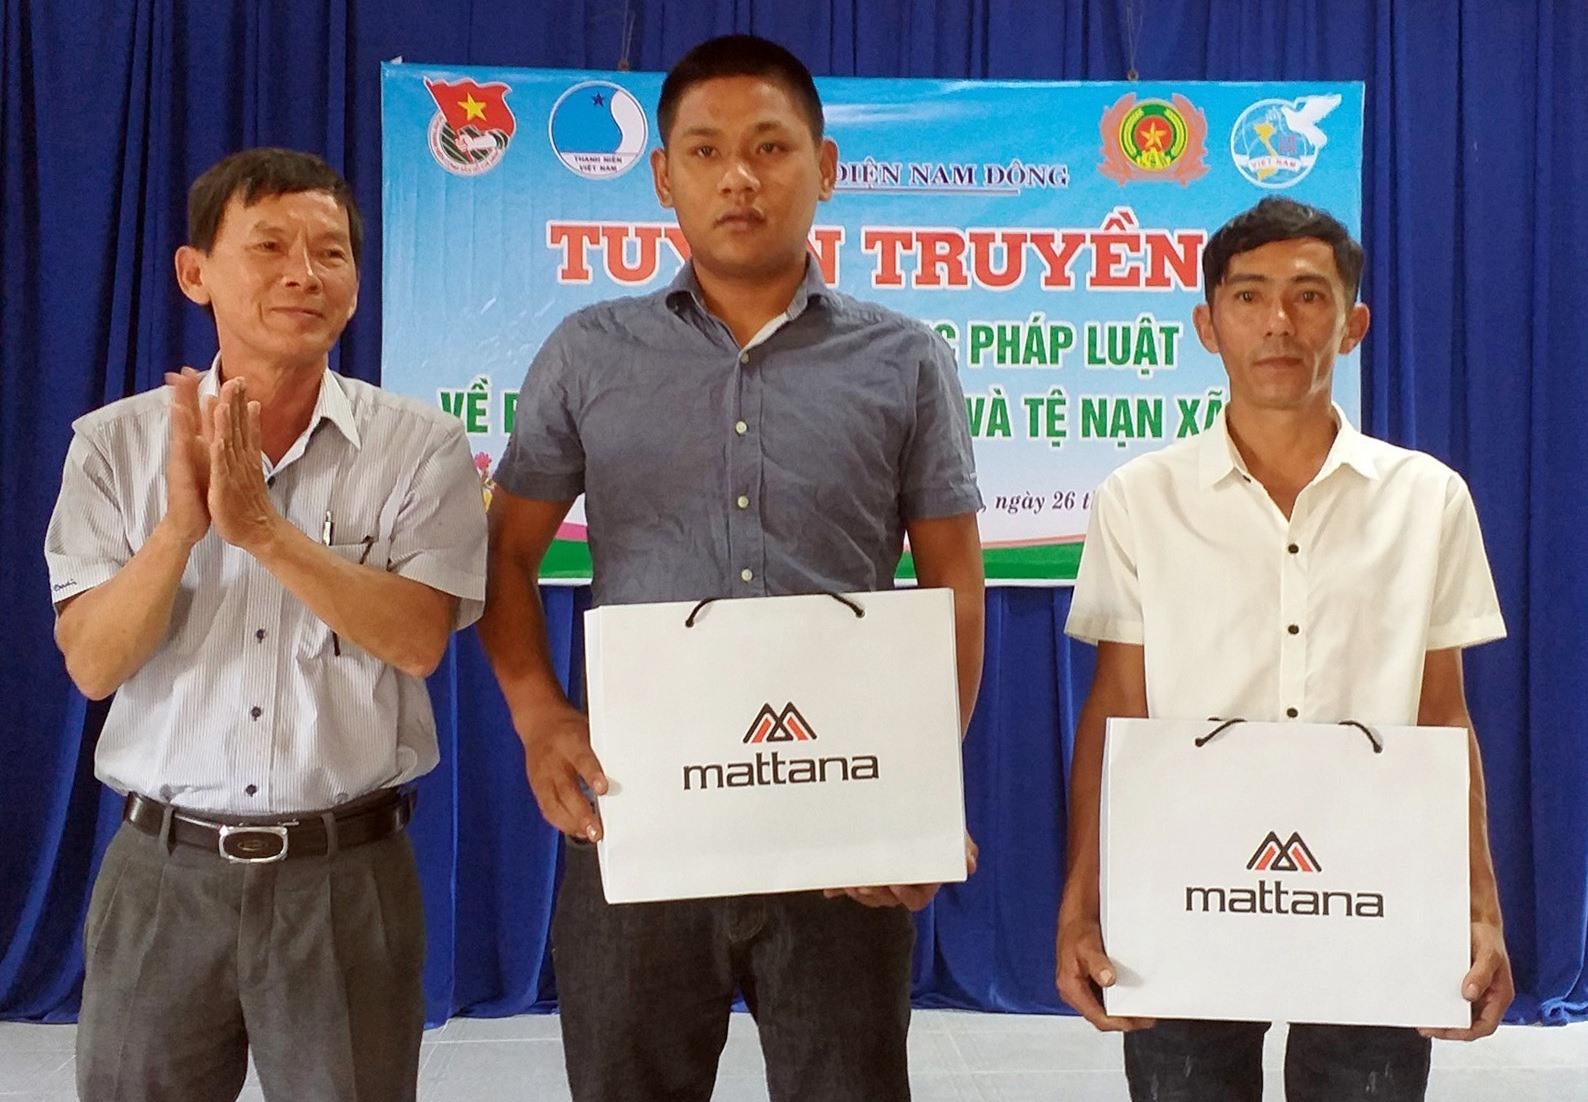 Anh Đinh Quốc Tuấn (áo trắng, người đầu tiên bên phải sang) nhận quà của Chủ tịch UBND phường Diện Nam Đông vì những đóng góp cho xã hội trong công tác tuyên truyền về ma túy và tái hòa nhập cộng đồng.